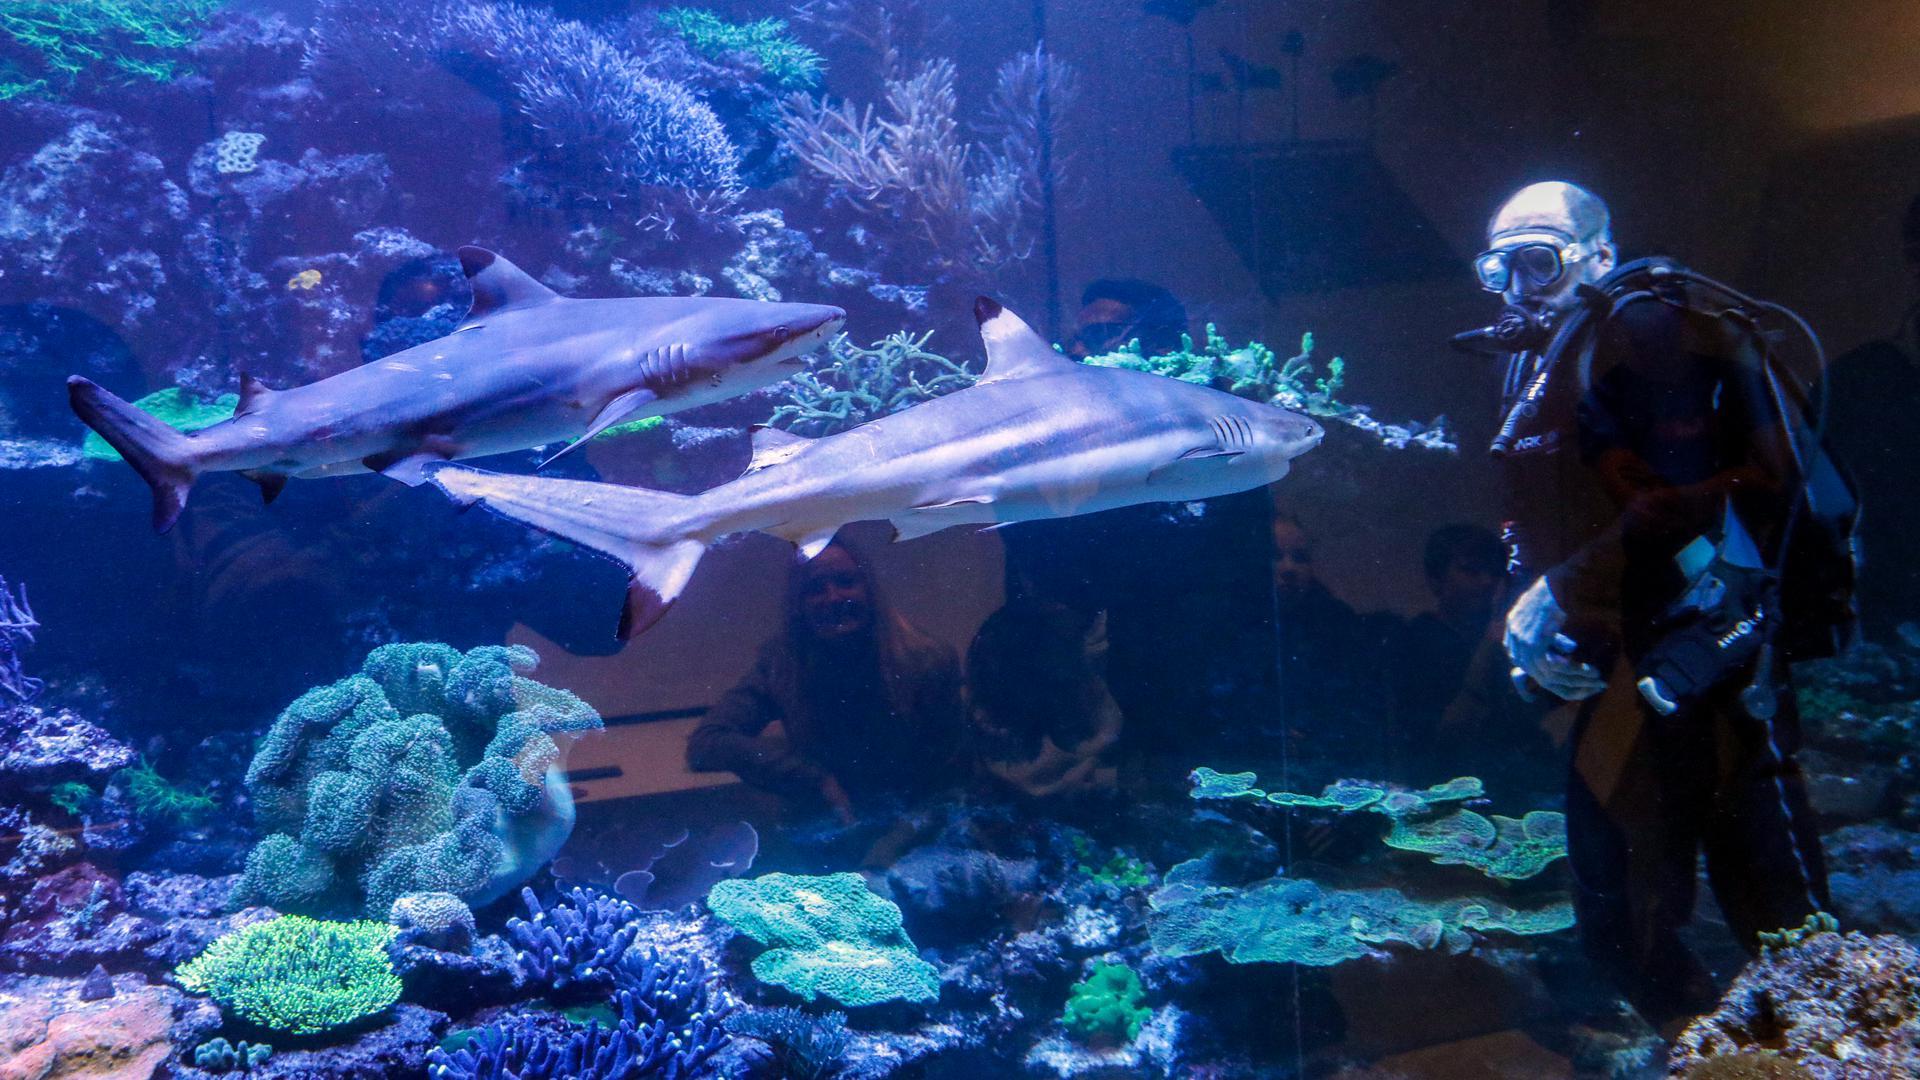 Das Korallenriff im Naturkundemuseum Karlsruhe, an dem die Schwarzspitzen-Riffhaie und ungezählte bunte Tropenfische leben, wurde jahrelang über Nacht angeknabbert. Ein Tauchgang des Aquarienchefs Hannes Kirchhauser hat das nun beendet.